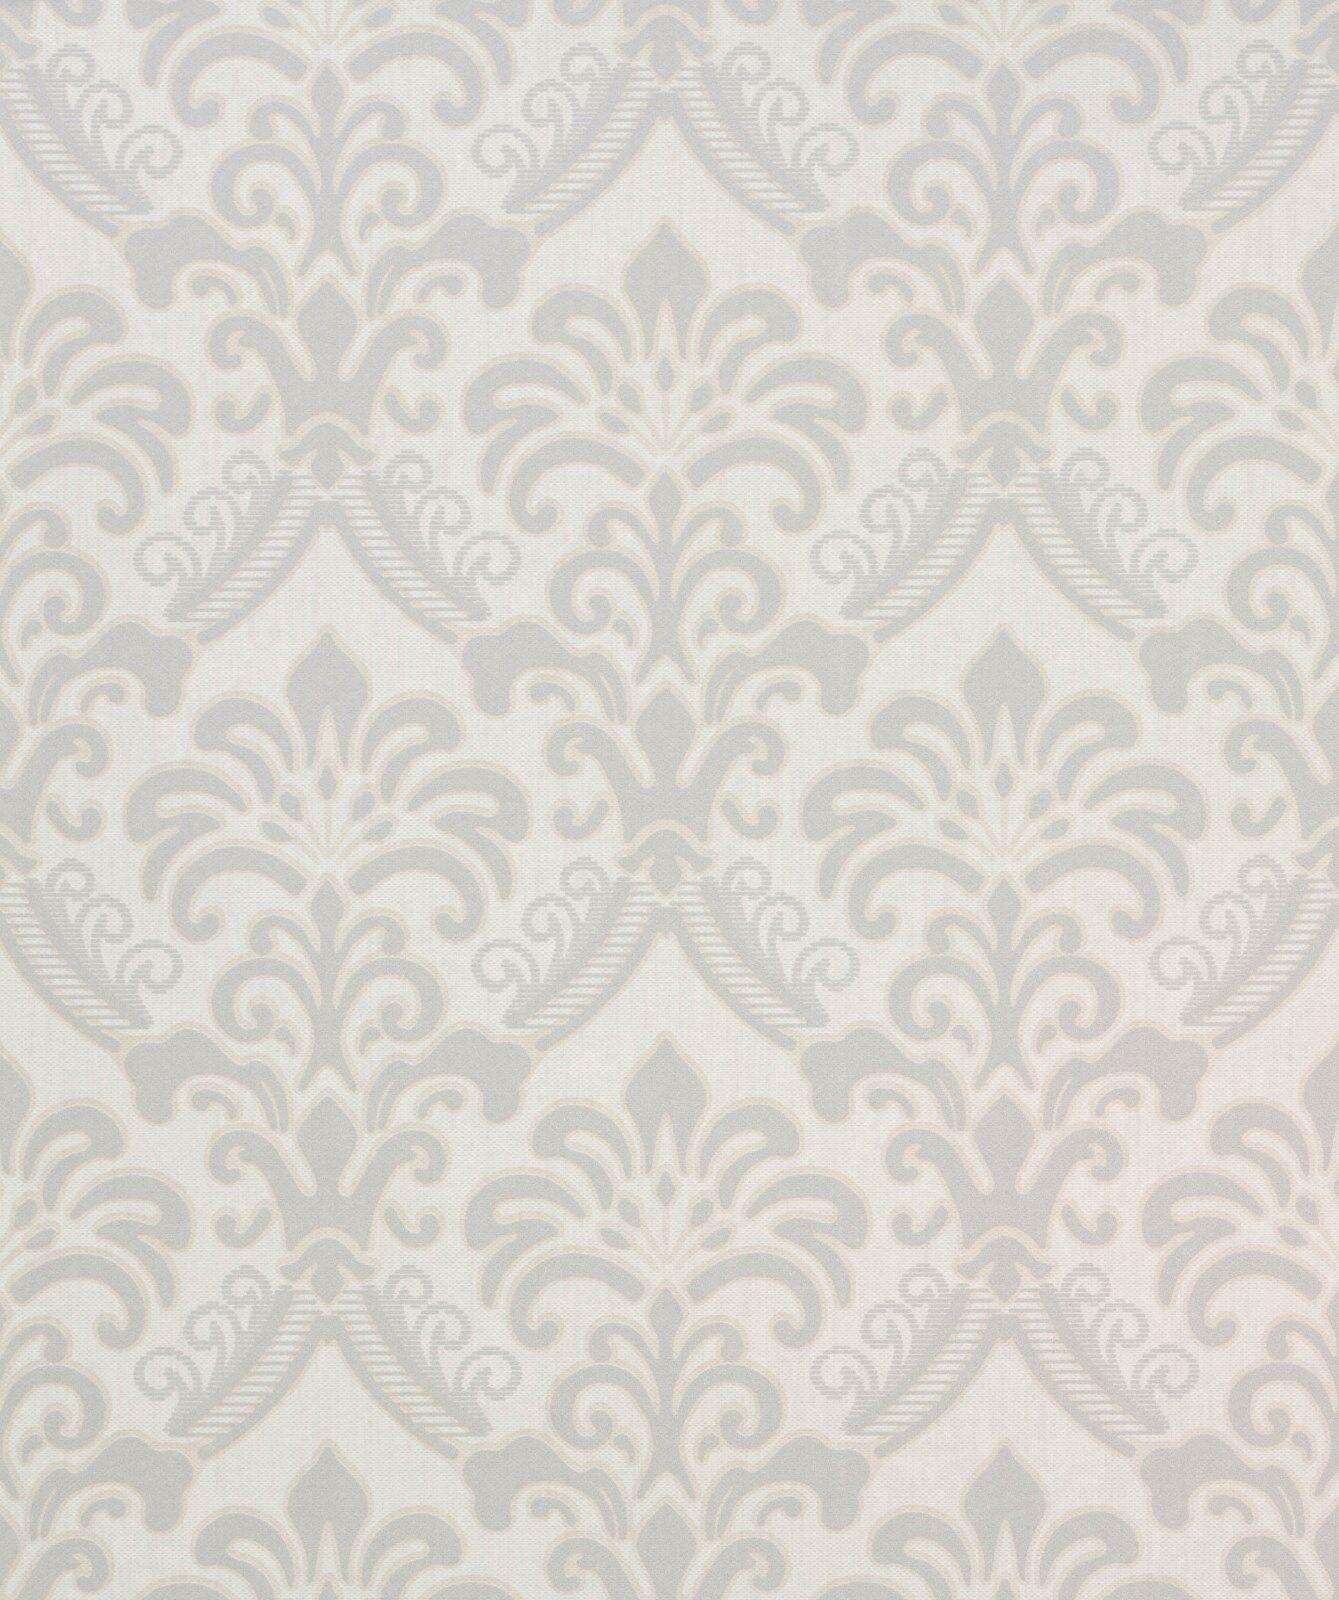 Tapete, Designtapete, Leinenimitat, florale Applikationen, Elfenbein, Silber